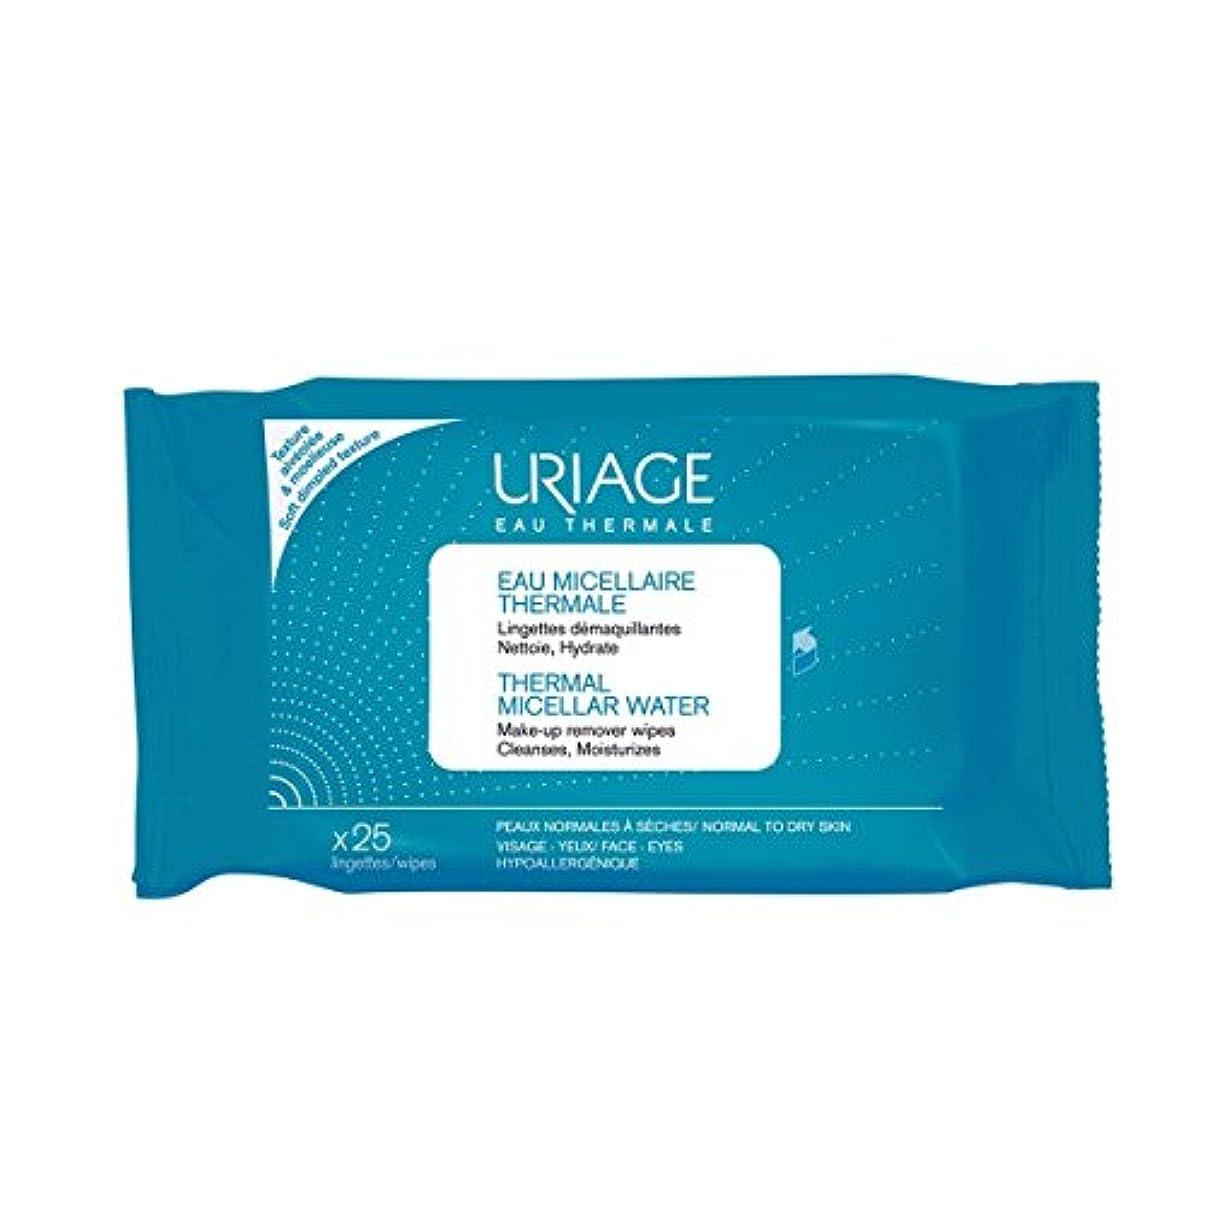 囲まれた喉が渇いた報復Uriage Thermal Micellar Water Make-up Remover Wipes X25 [並行輸入品]